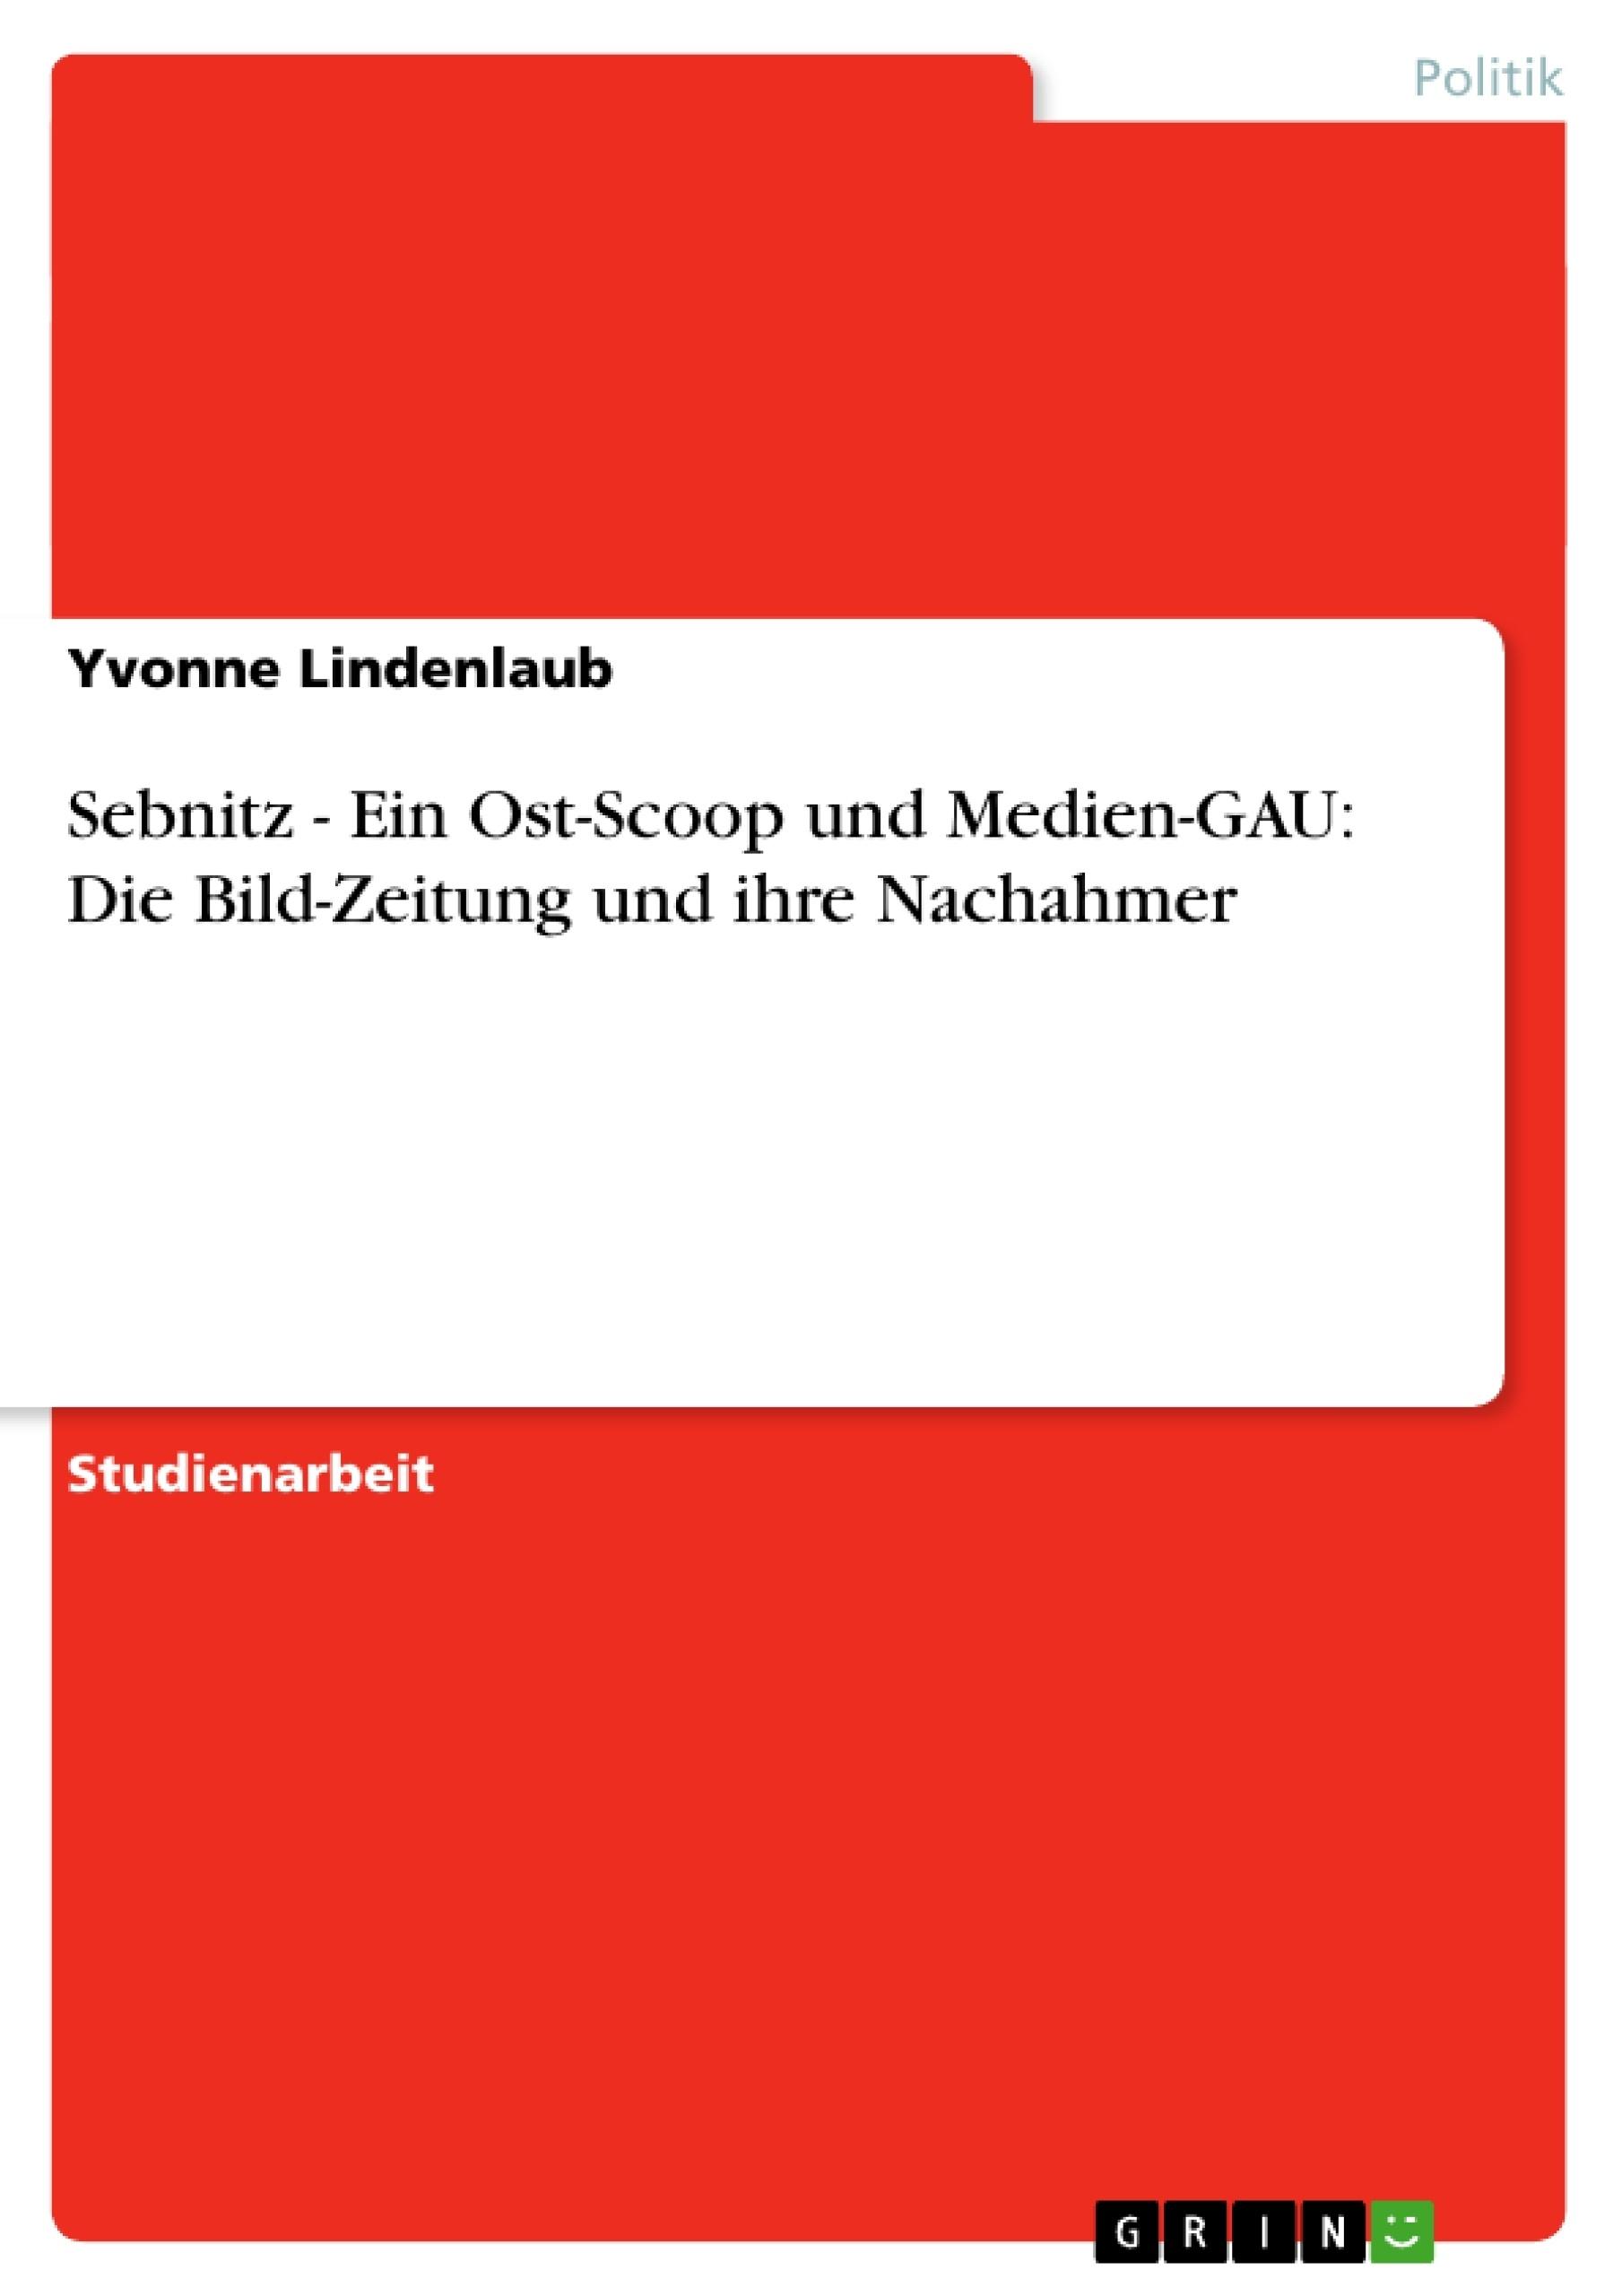 Titel: Sebnitz - Ein Ost-Scoop und Medien-GAU: Die Bild-Zeitung und ihre Nachahmer